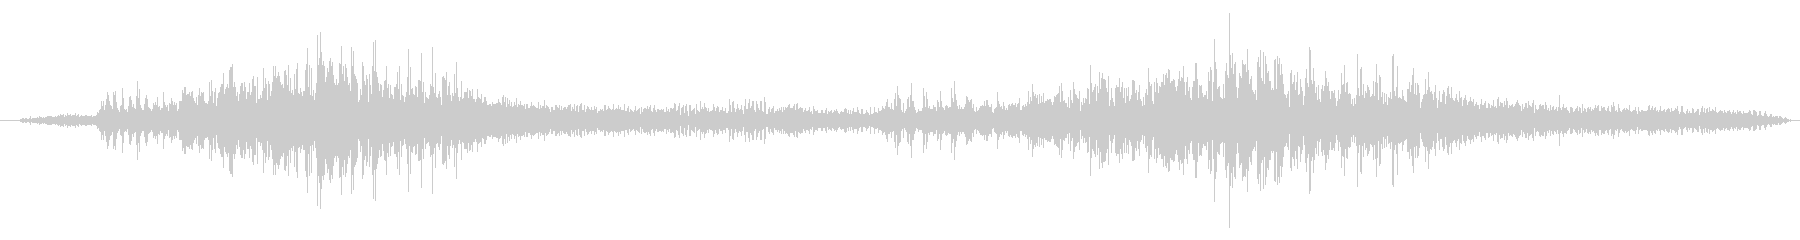 環境音 特撮フラッター01の未再生の波形